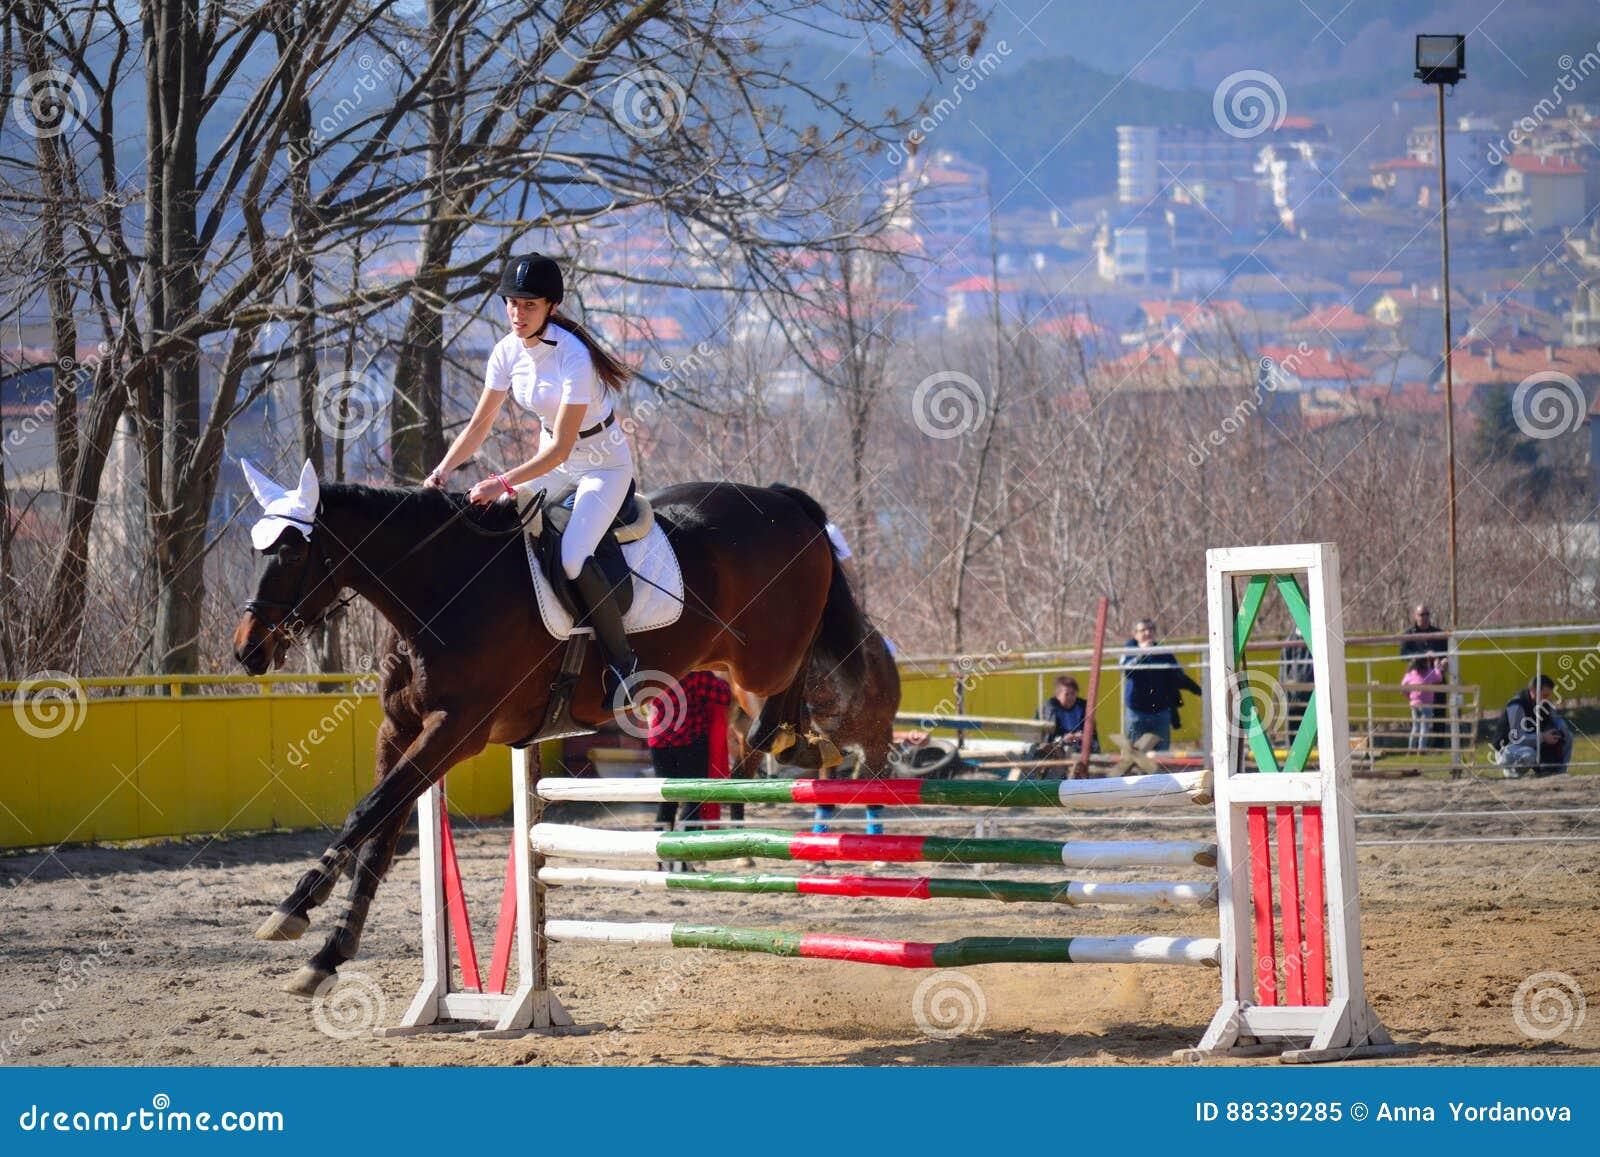 La Fille équestre Sautent Varna Bulgarie Image éditorial - Image du ... 4ce7737b0cd